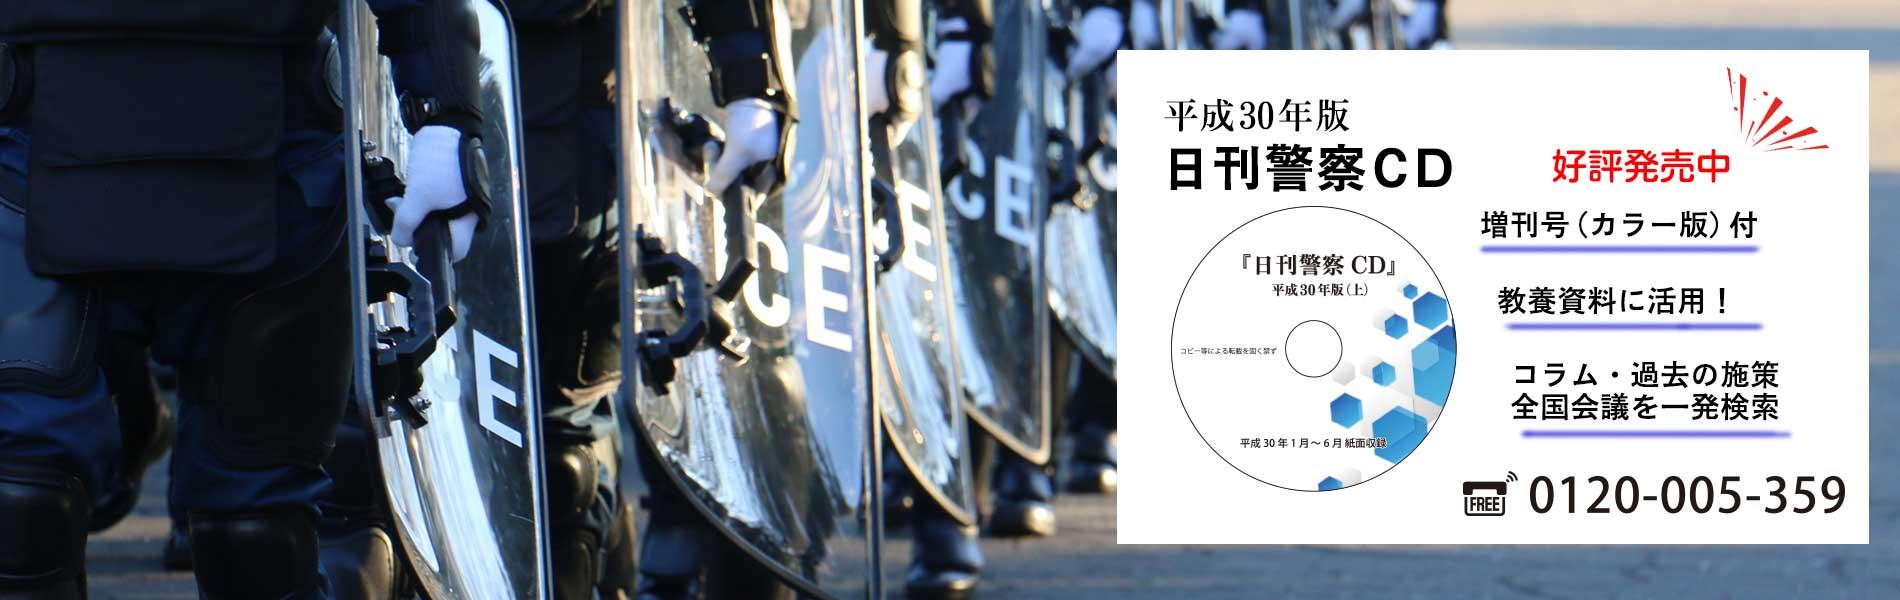 平成30年版日刊警察CD好評発売中